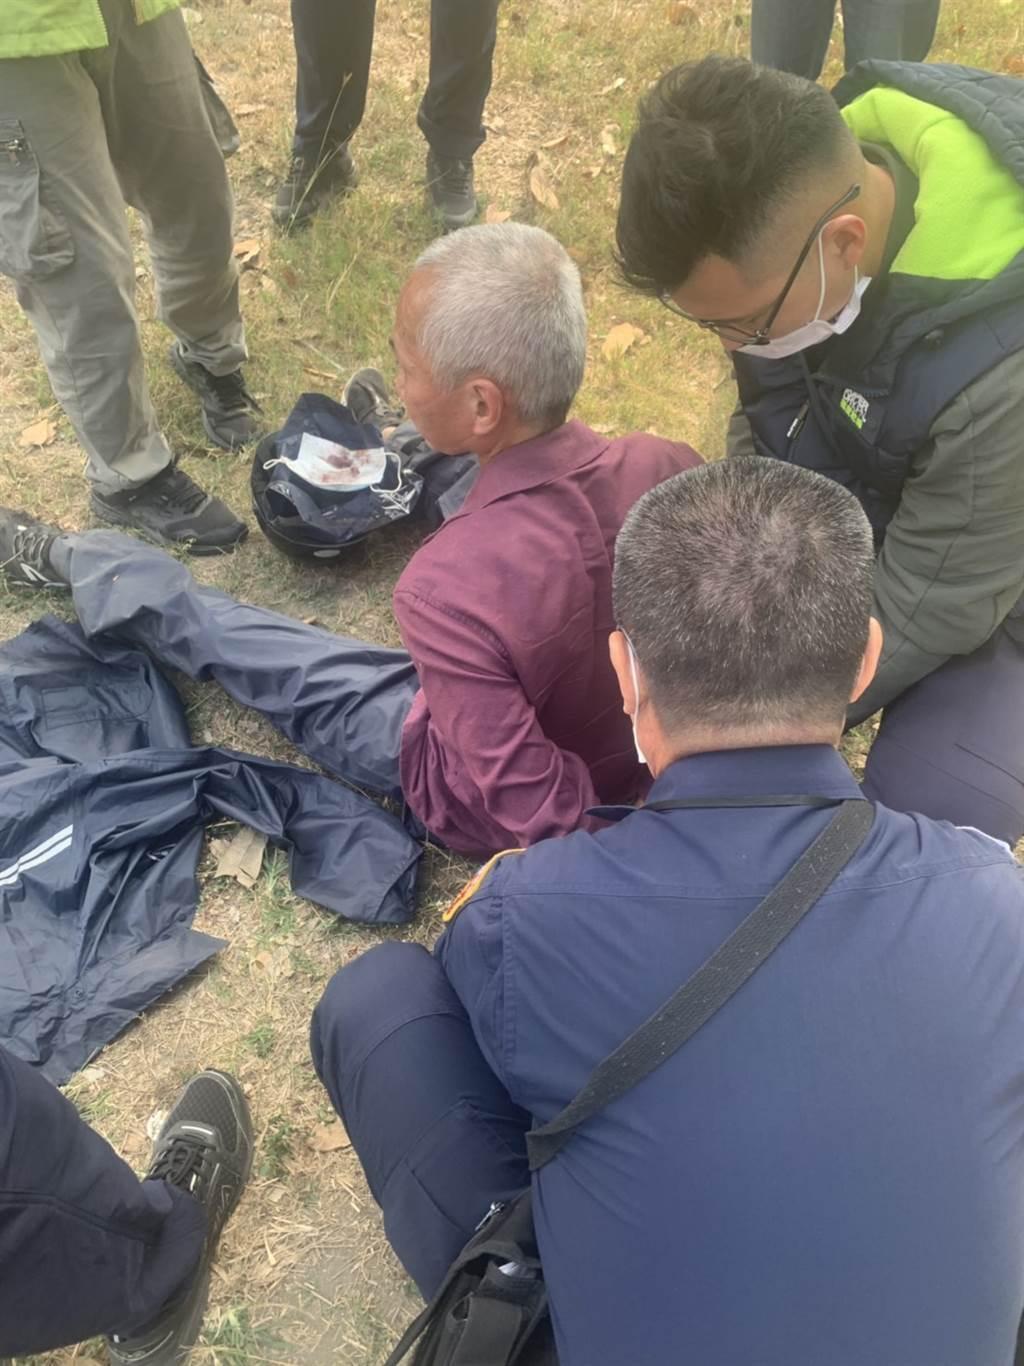 高雄大樹槍擊案警方逮捕查扣改造槍(中時資料照片)